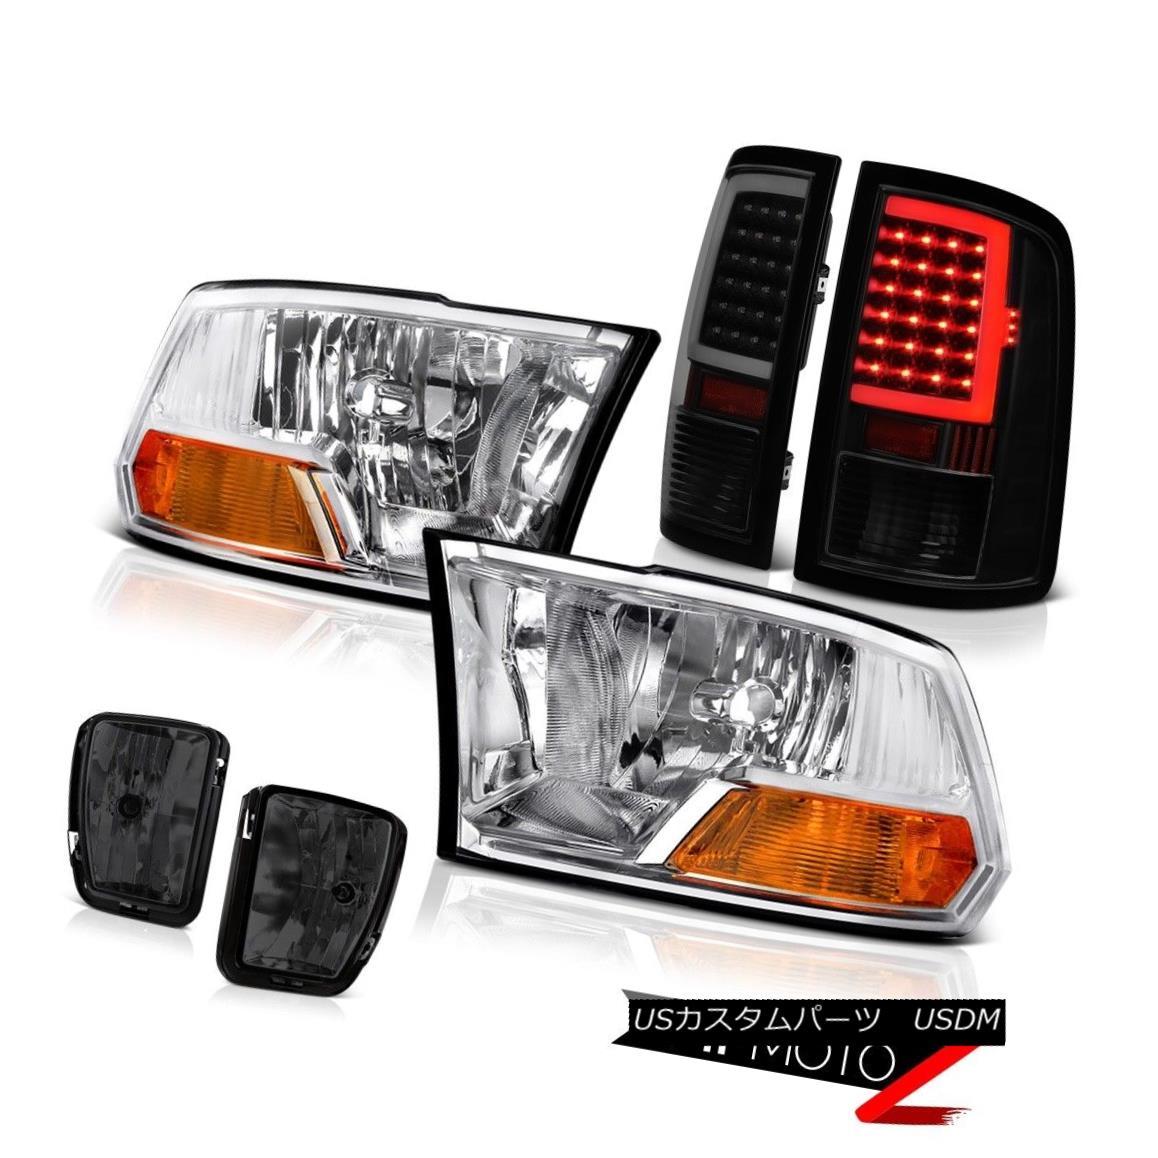 テールライト 13-18 RAM 1500 NEON Tube Tail Lamp Driving Light Chrome Factory Style Headlamp 13-18 RAM 1500 NEONチューブテールランプライトクロームファクトリースタイルヘッドライト